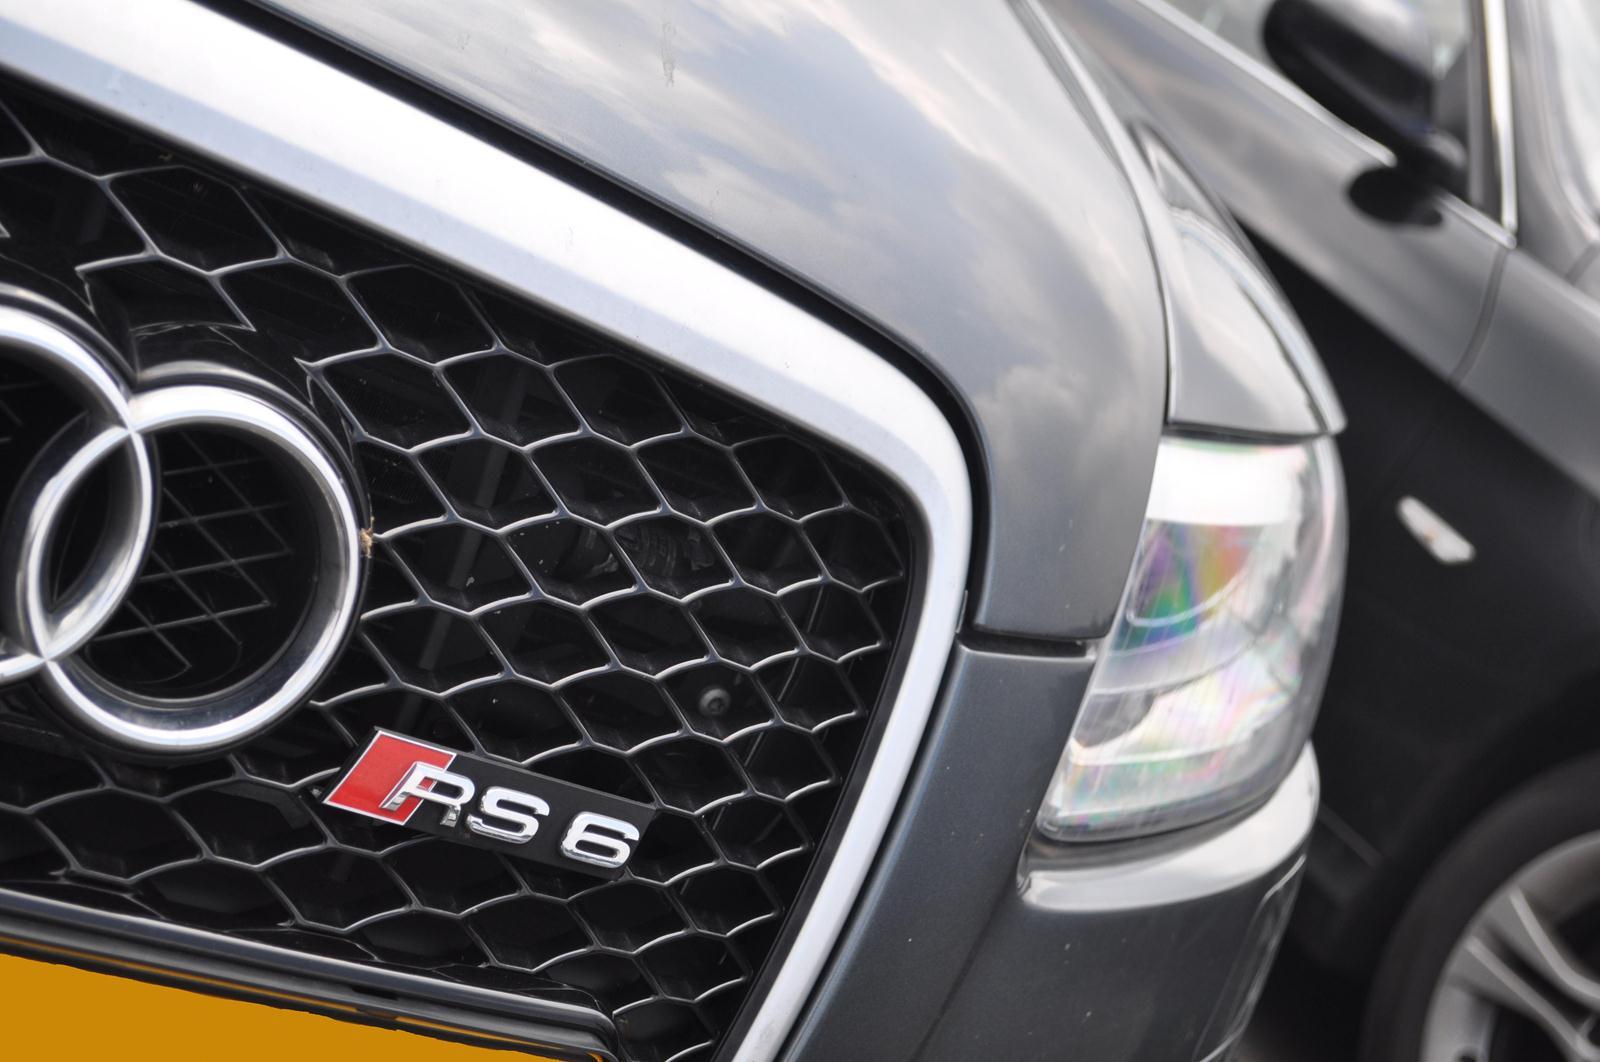 Gestolen Audi RS6 terug gevonden - www.hartvoorautos.nl